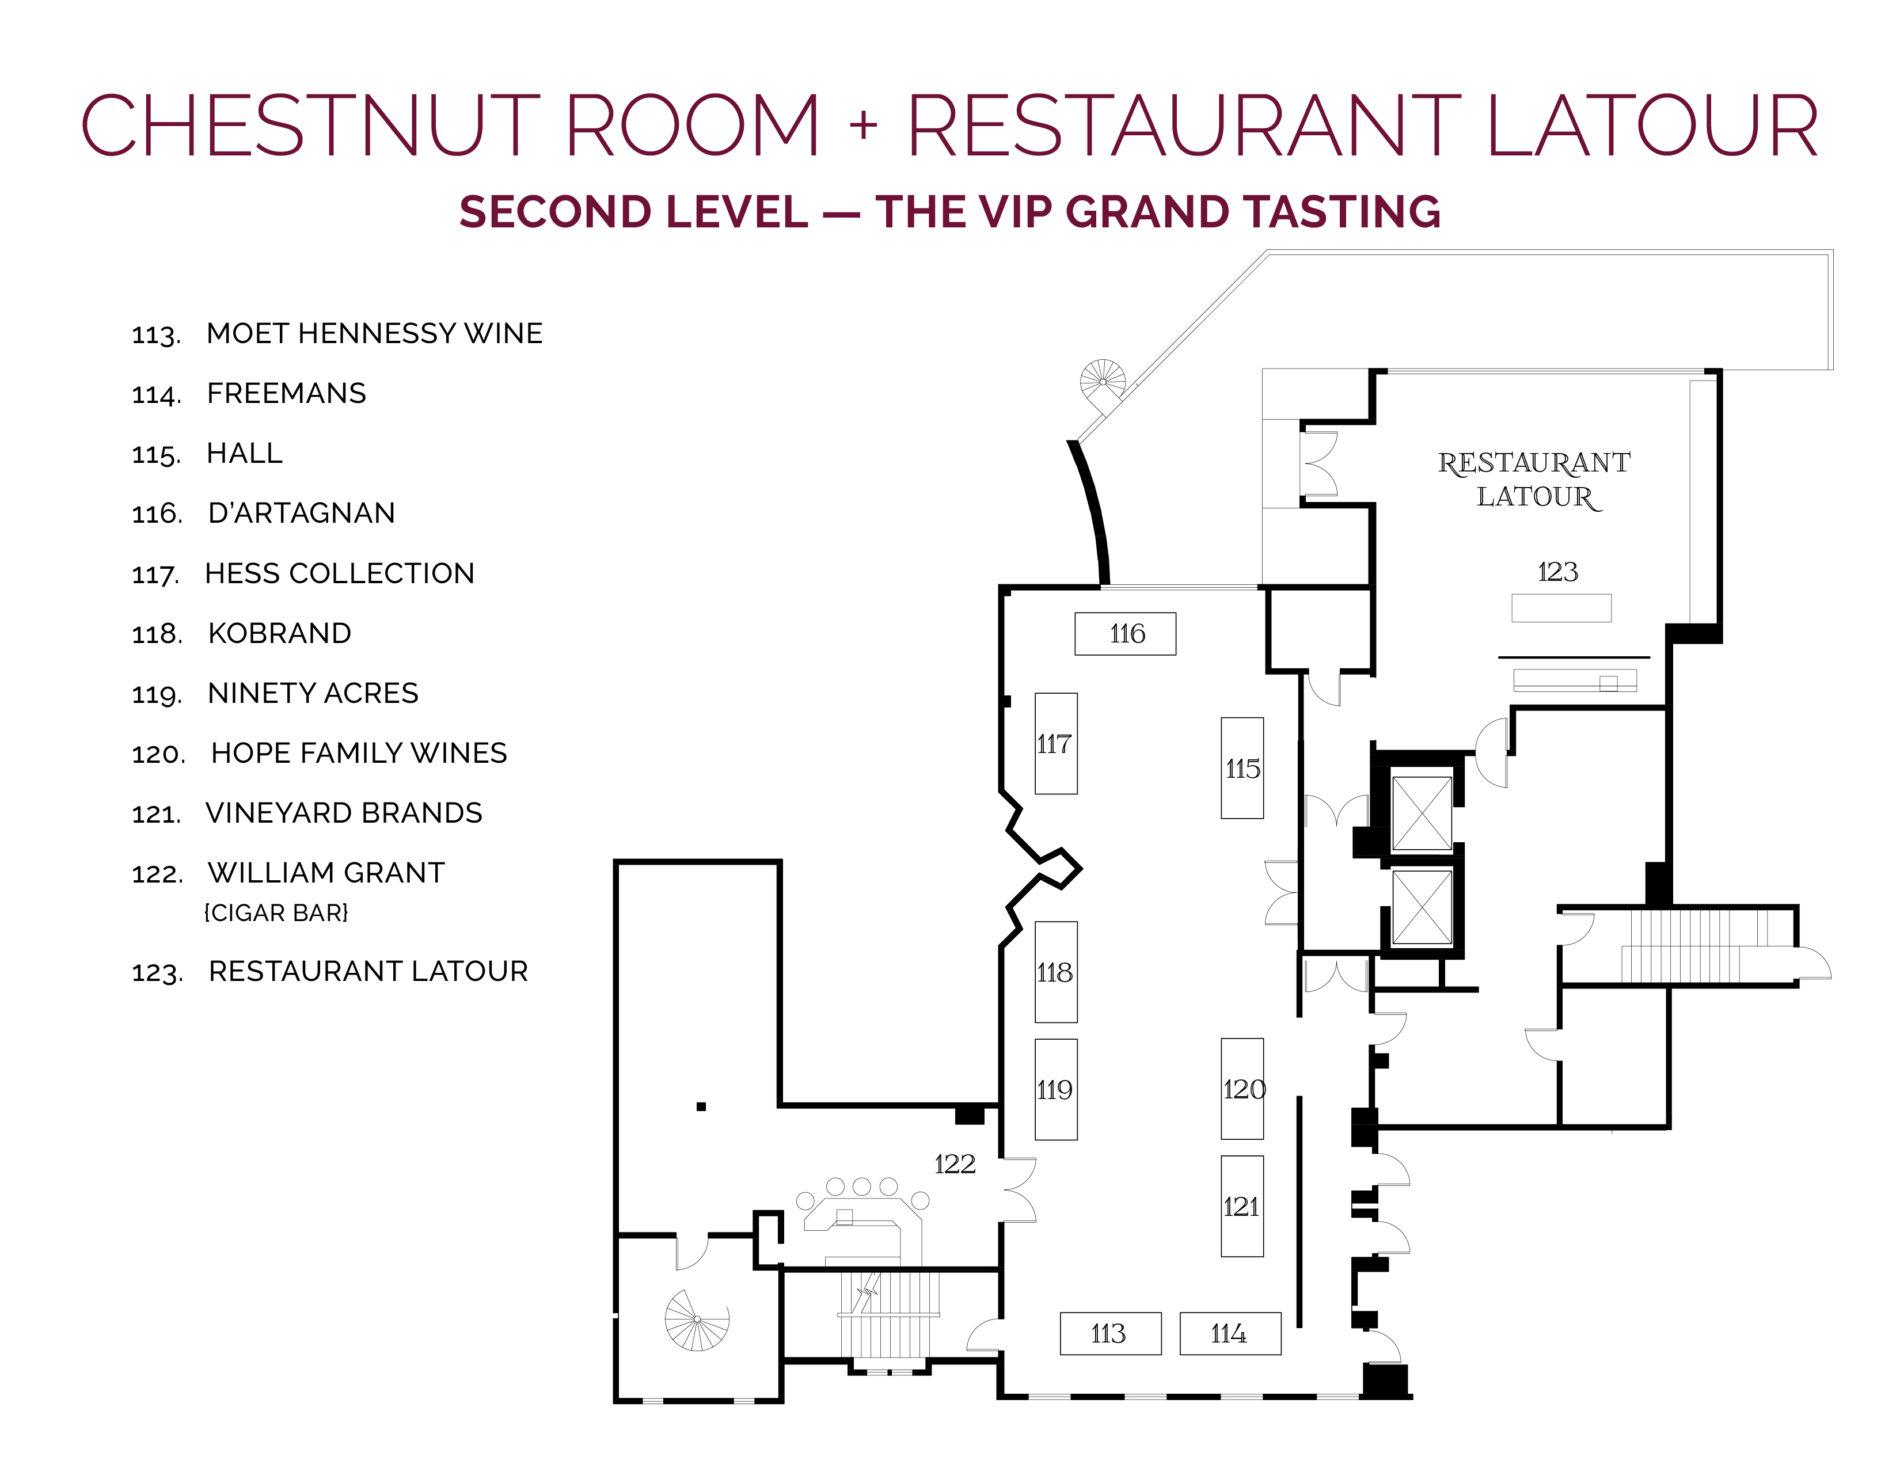 NJWFF Floorplan 2019 Chestnut Room